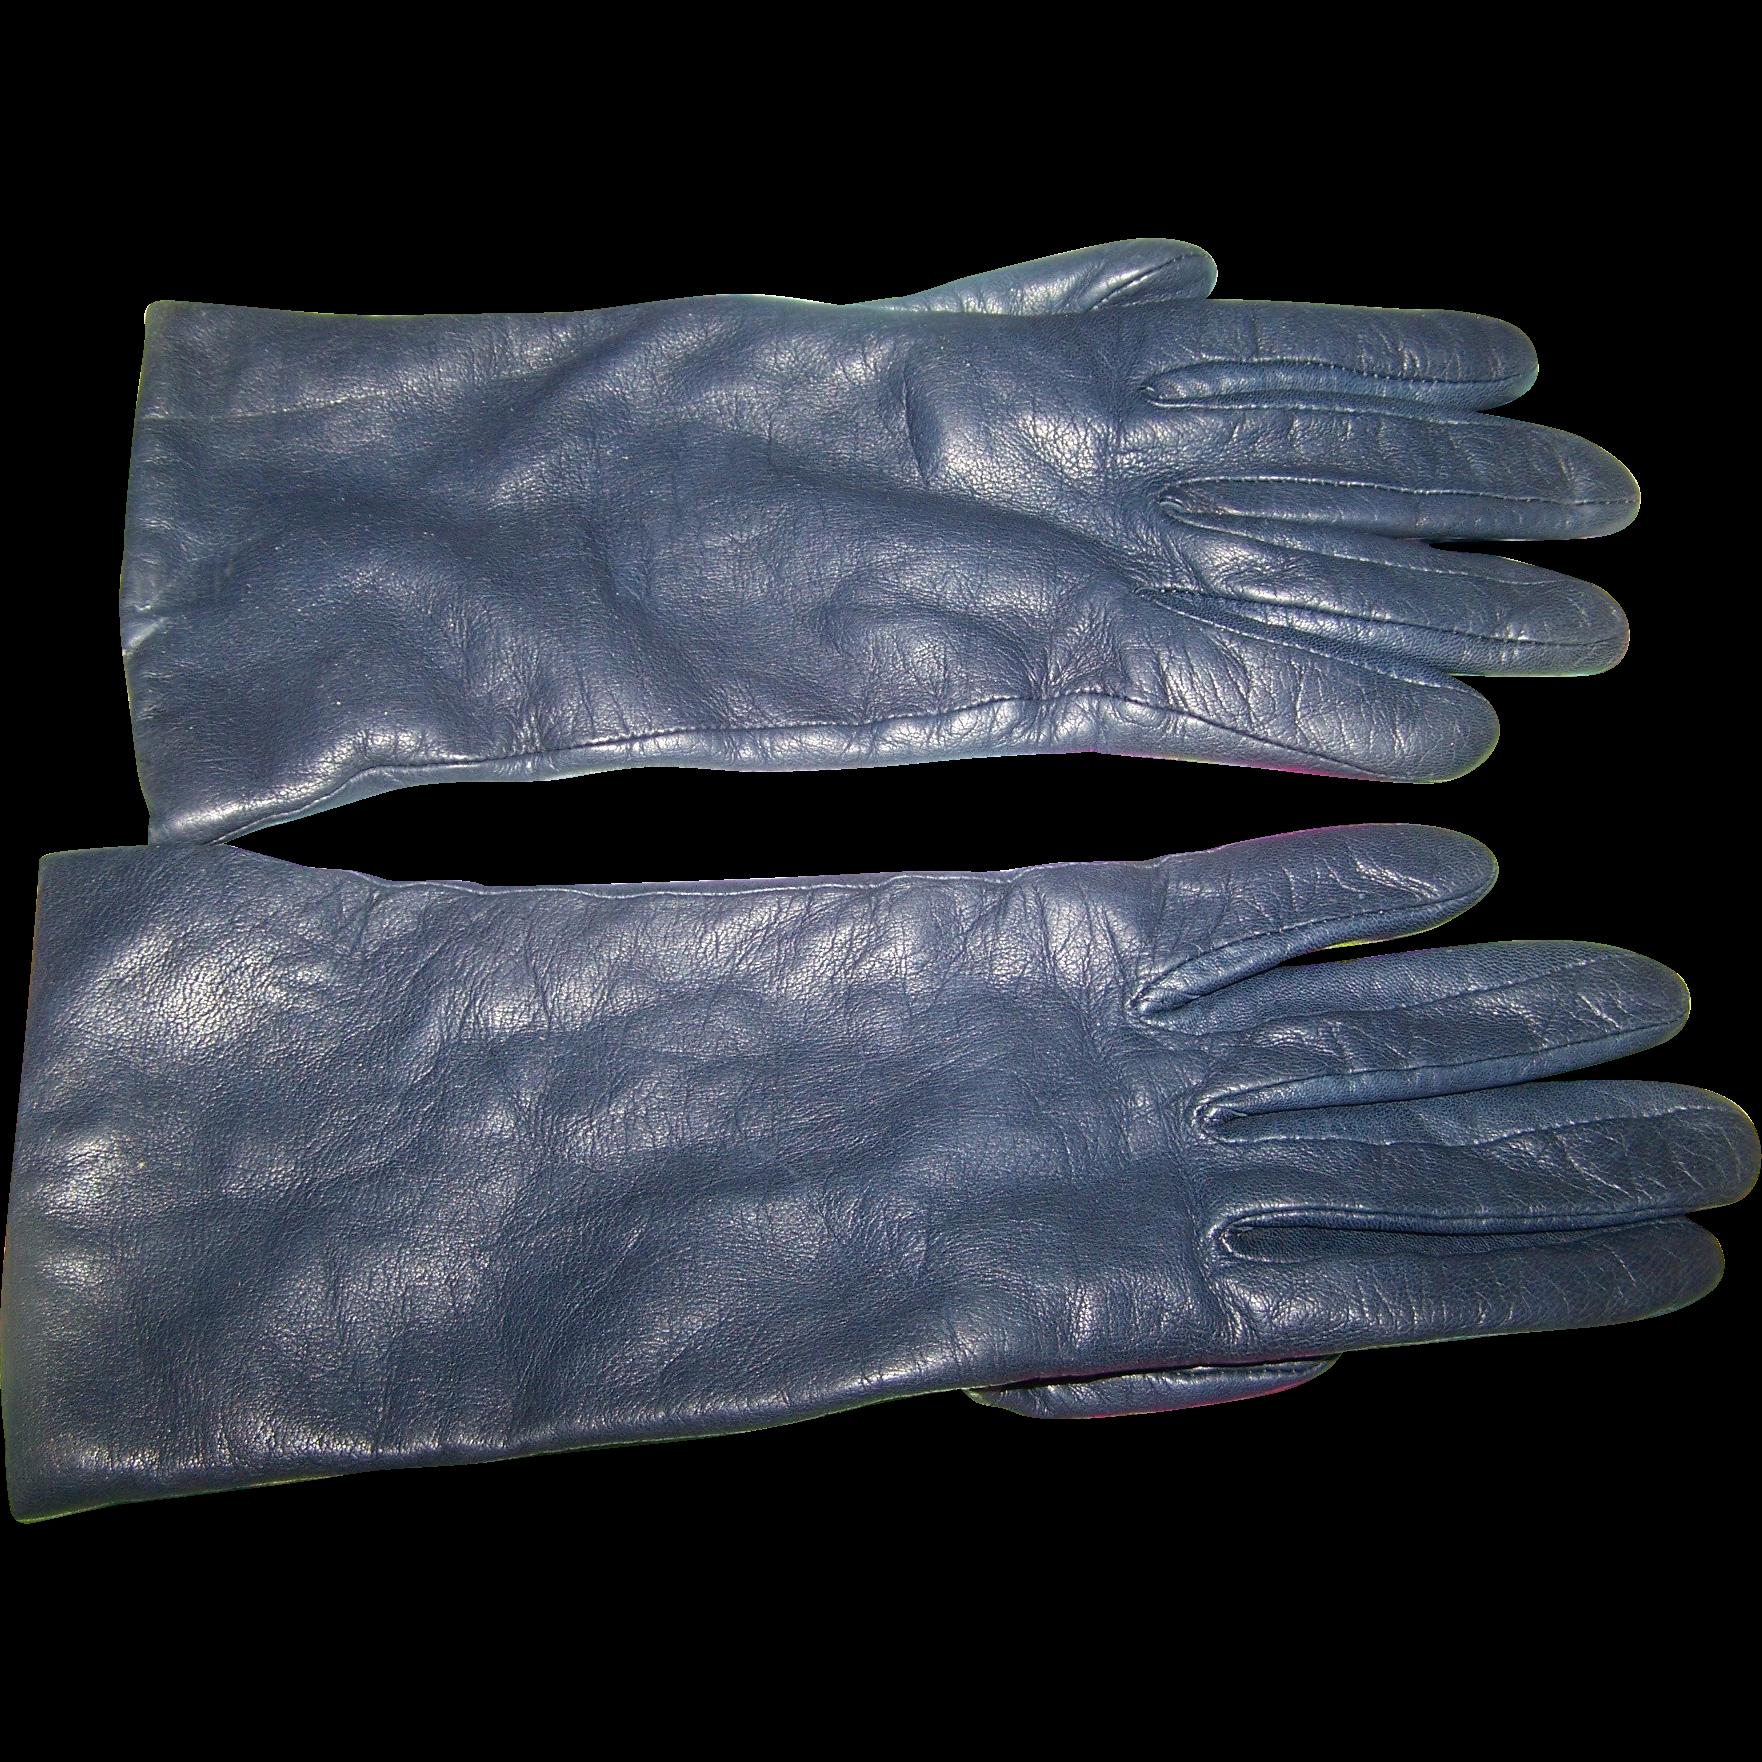 Ladies leather gloves blue - Gently Used Vintage Navy Blue Ladies Leather Gloves From Eaton